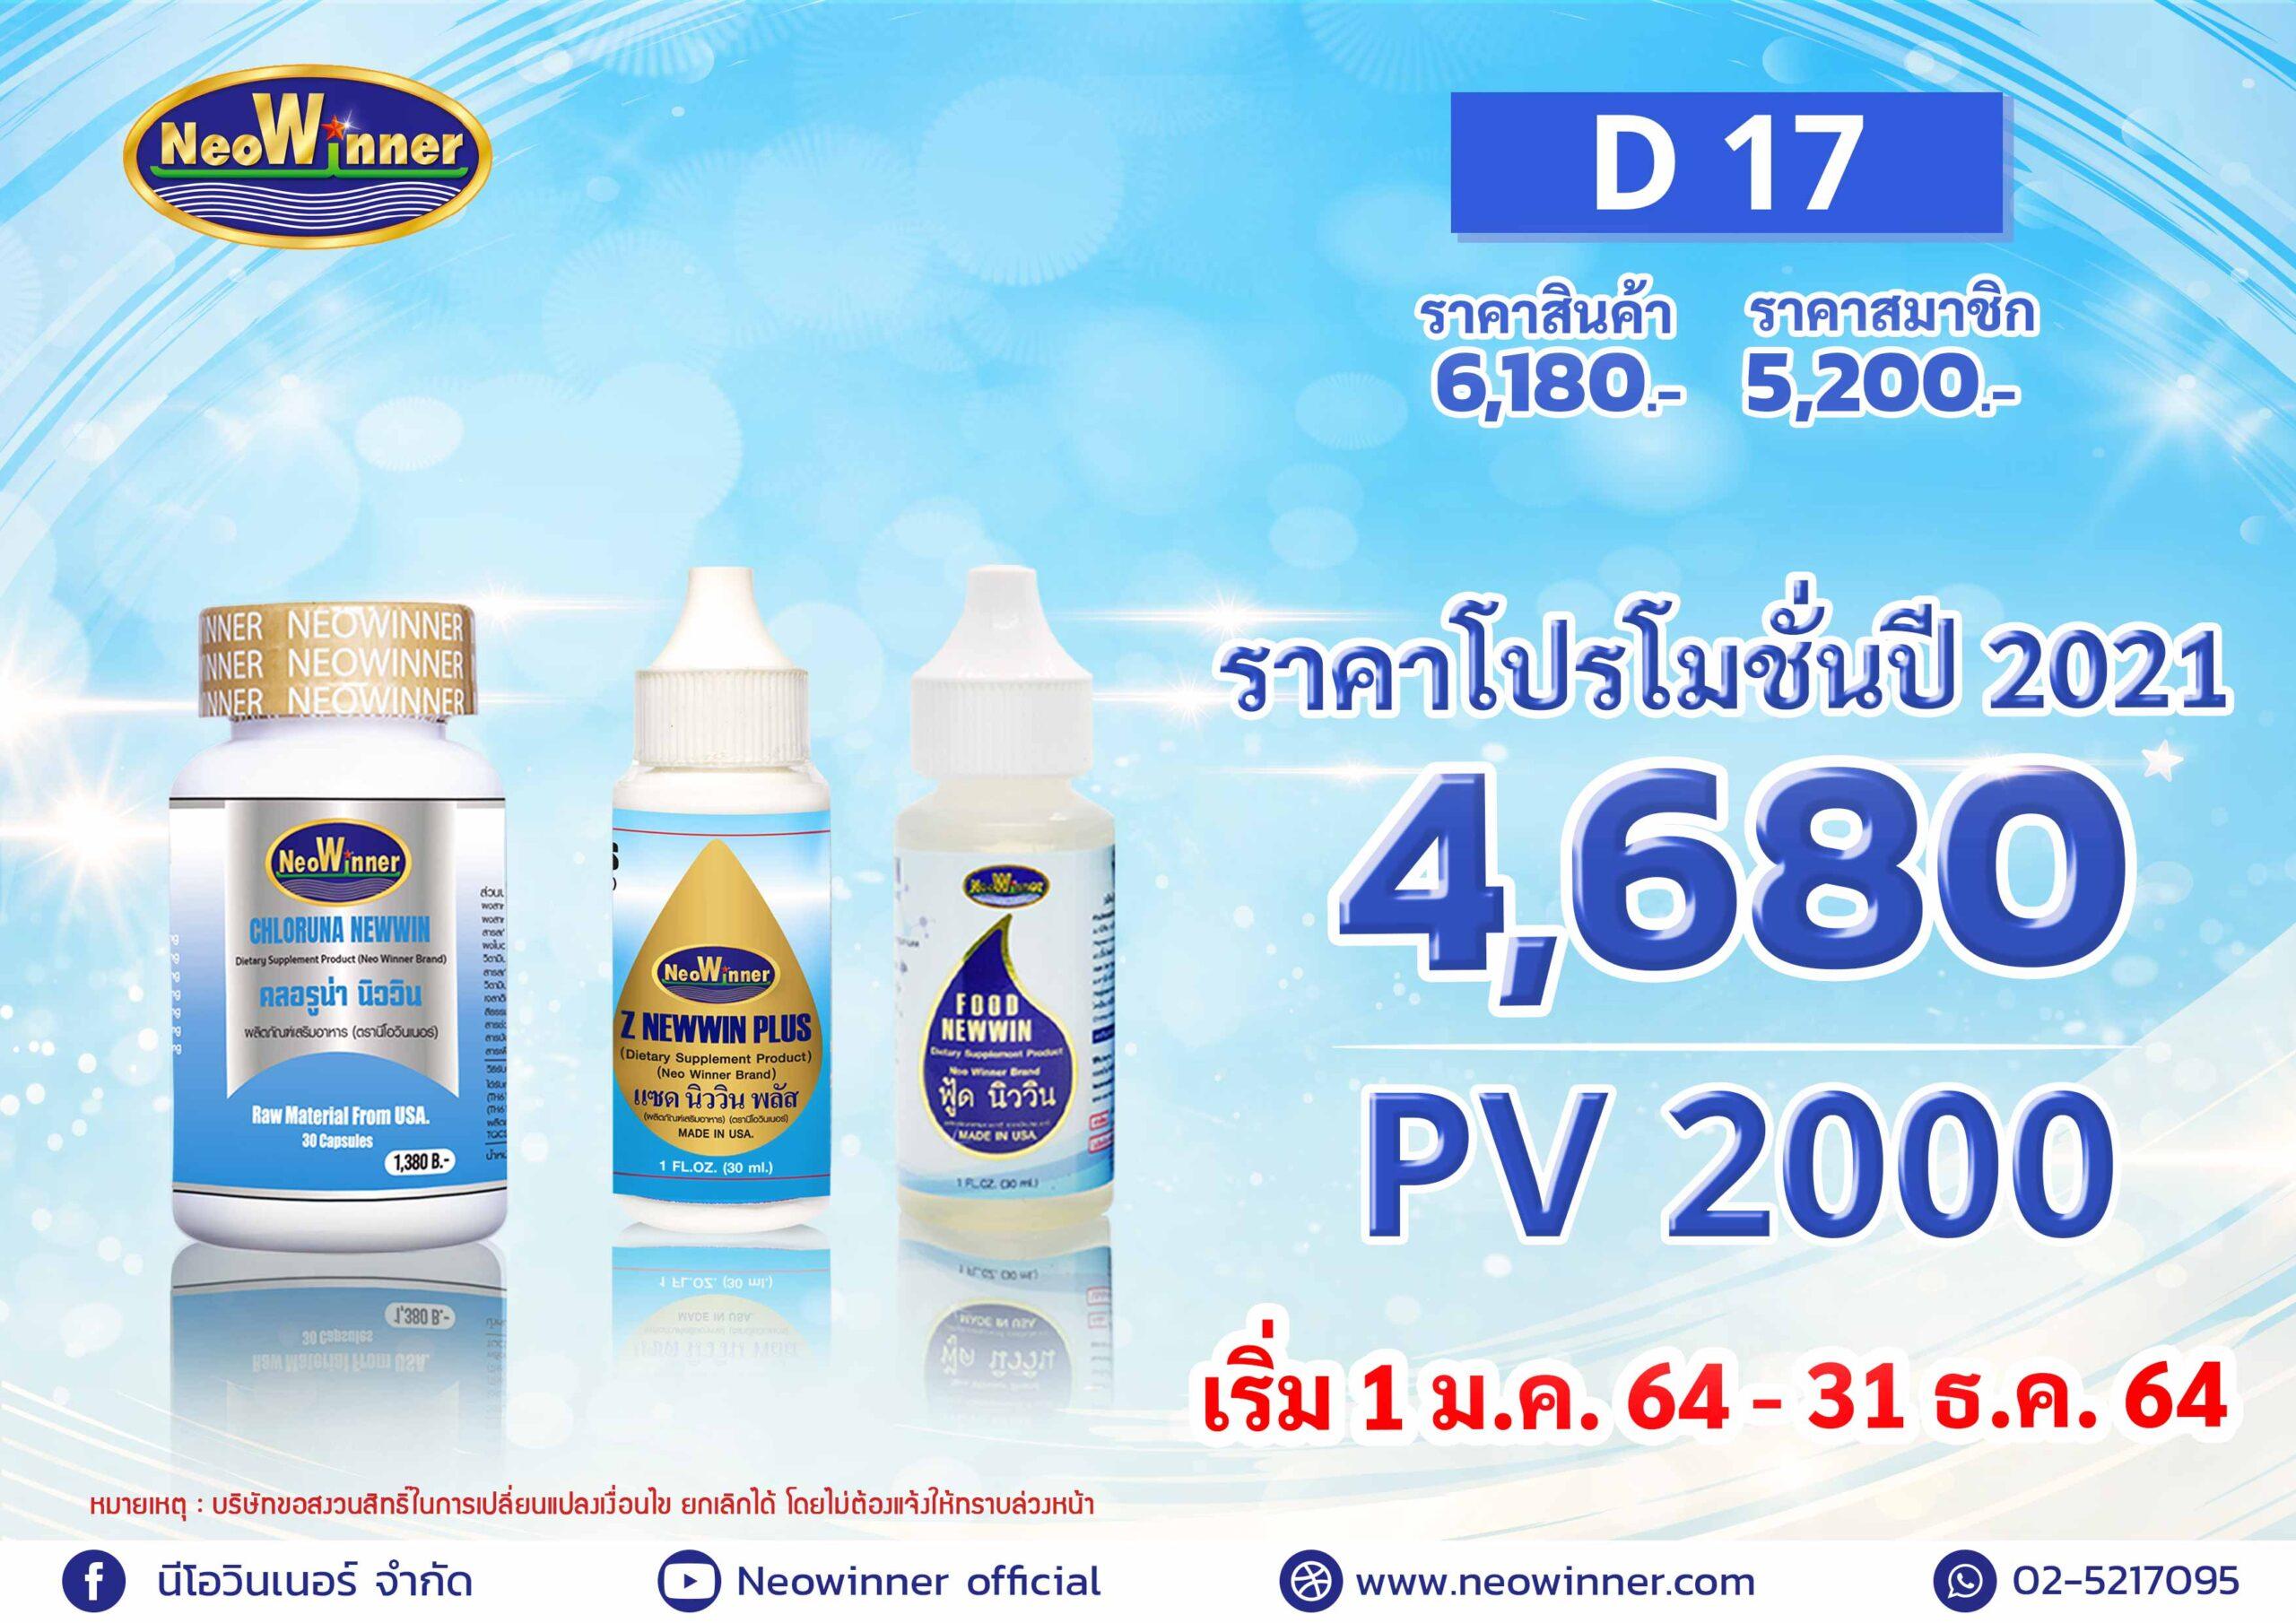 Promotion-D-17-2021